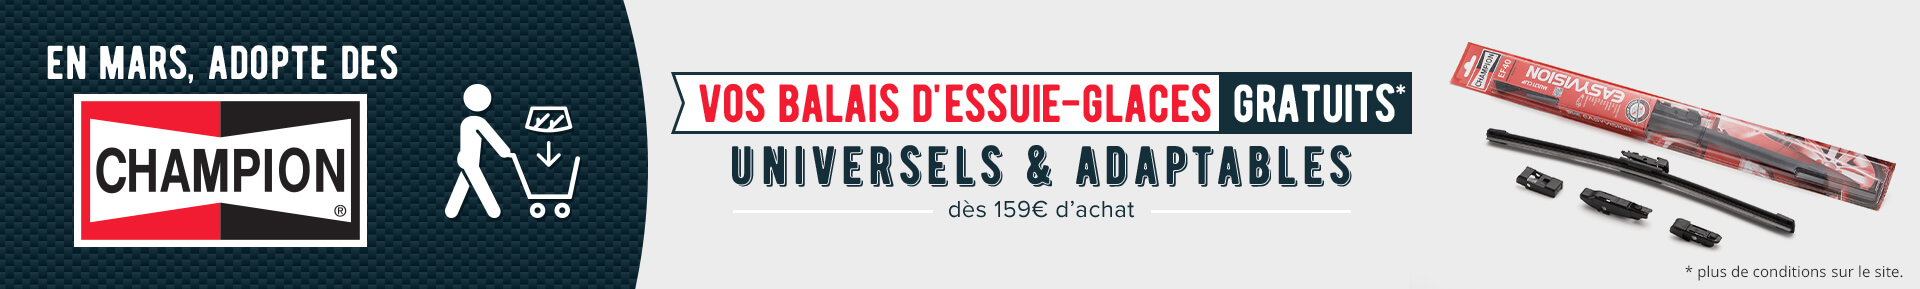 Vos balais d'essuie-glaces CHAMPION offerts dès 159€ d'achats *